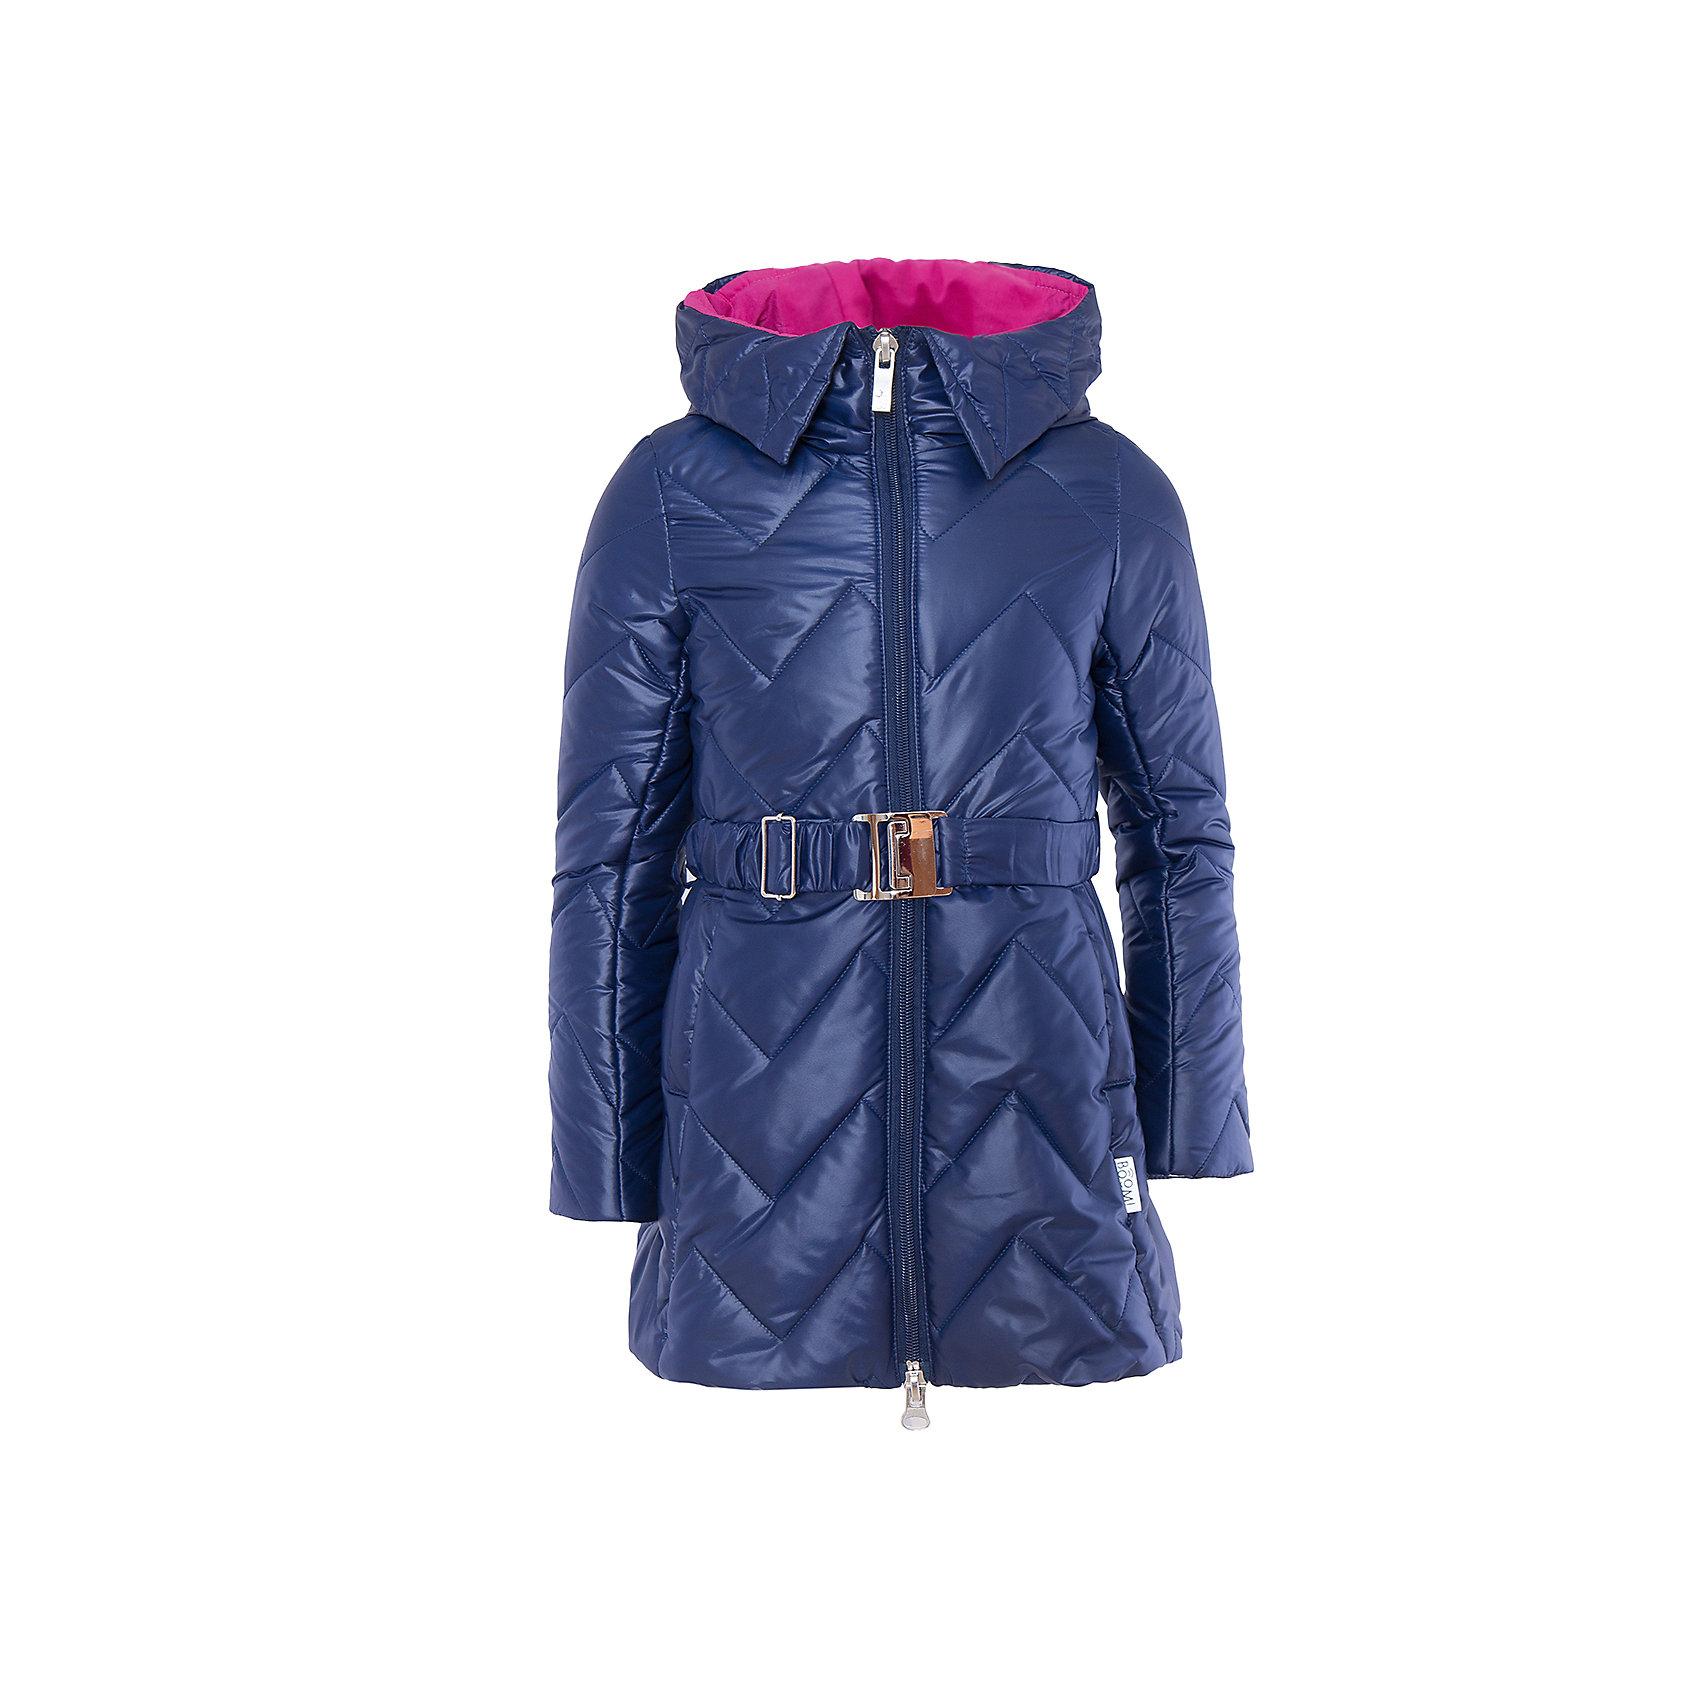 Пальто для девочки BOOM by OrbyВерхняя одежда<br>Характеристики товара:<br><br>• цвет: синий<br>• состав: 100% полиэстер; верх - таффета , подкладка - флис, поликоттон, полиэстер, утеплитель: Flexy Fiber 150 г/м2<br>• температурный режим: от -5 С° до +10 С° <br>• капюшон (не отстегивается)<br>• карманы<br>• пояс с пряжкой<br>• высокий воротник<br>• застежка - молния<br>• стеганое<br>• длина до колен<br>• комфортная посадка<br>• страна производства: Российская Федерация<br>• страна бренда: Российская Федерация<br>• коллекция: весна-лето 2017<br><br>Такое пальто - отличный вариант для походов в школу в межсезонье с его постоянно меняющейся погодой. Эта модель - модная и удобная одновременно! Изделие отличается стильным элегантным дизайном. Пальто хорошо сидит по фигуре, отлично сочетается с различным низом. Вещь была разработана специально для детей.<br>Одежда от российского бренда BOOM by Orby уже завоевала популярностью у многих детей и их родителей. Вещи, выпускаемые компанией, качественные, продуманные и очень удобные. Для производства коллекций используются только безопасные для детей материалы. Спешите приобрести модели из новой коллекции Весна-лето 2017! <br><br>Пальто для девочки от бренда BOOM by Orby можно купить в нашем интернет-магазине.<br><br>Ширина мм: 356<br>Глубина мм: 10<br>Высота мм: 245<br>Вес г: 519<br>Цвет: синий<br>Возраст от месяцев: 24<br>Возраст до месяцев: 36<br>Пол: Женский<br>Возраст: Детский<br>Размер: 98,104,110,116,122,128,134,140,146,152,158<br>SKU: 5343272